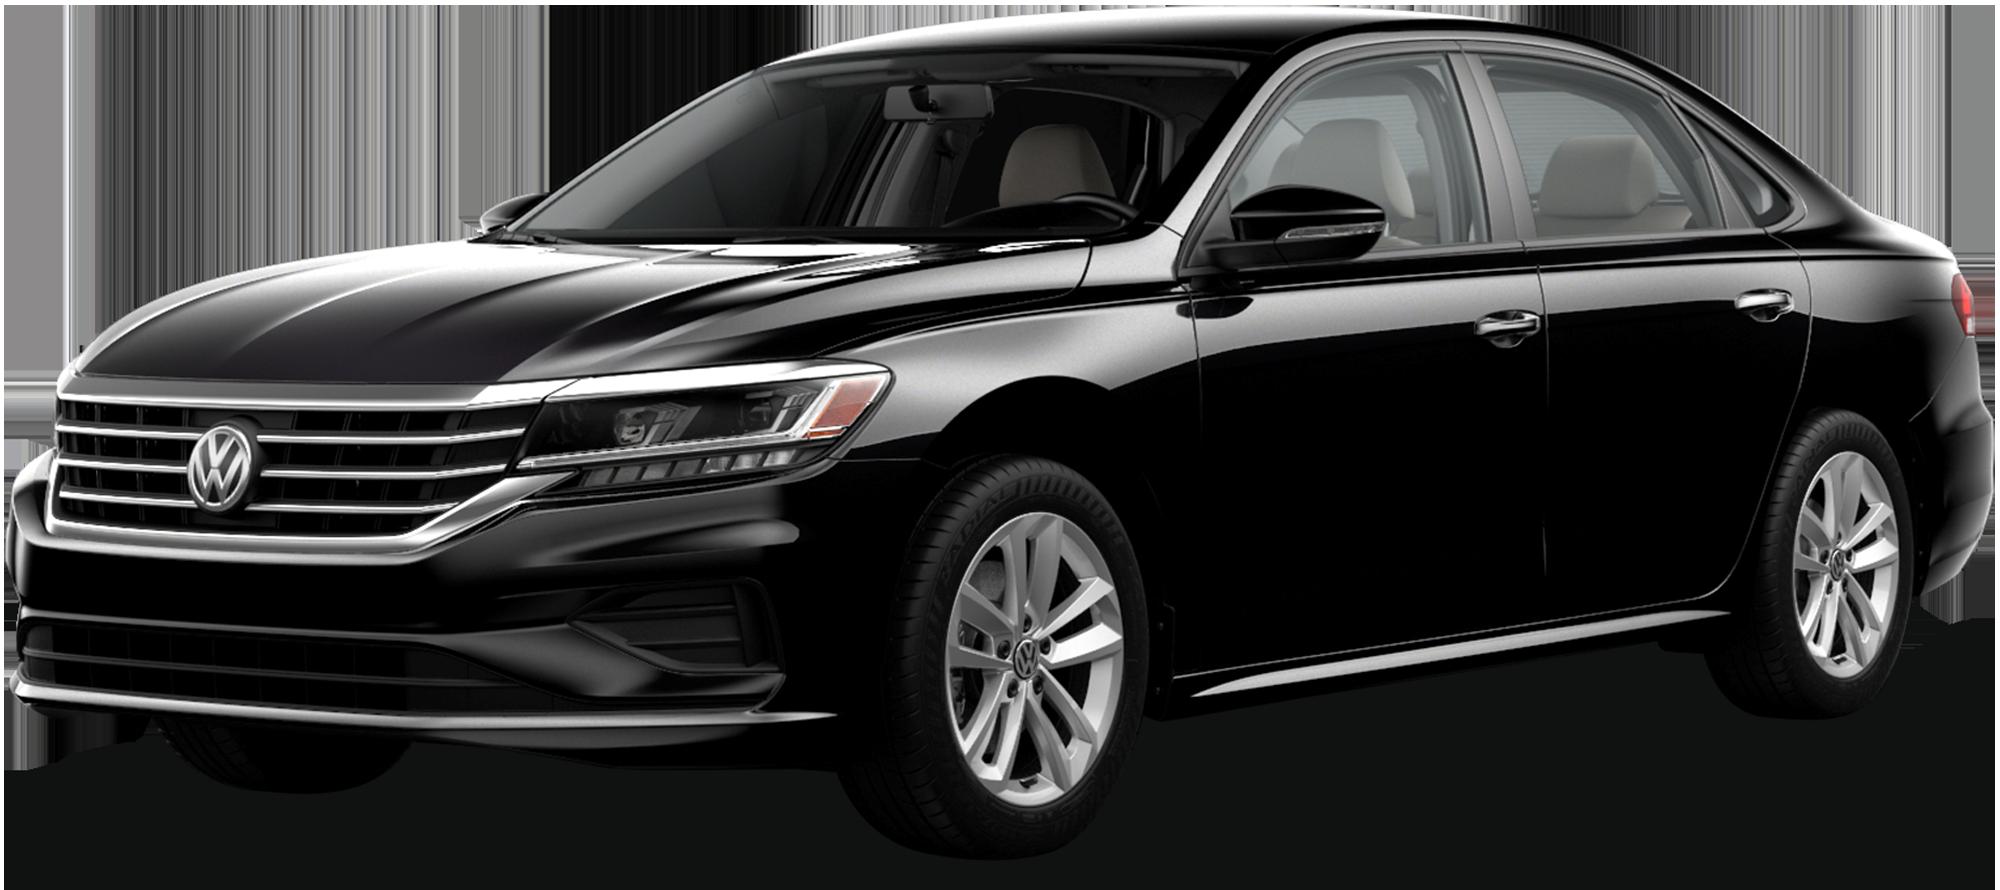 2021 Volkswagen Passat Incentives, Specials & Offers in ...